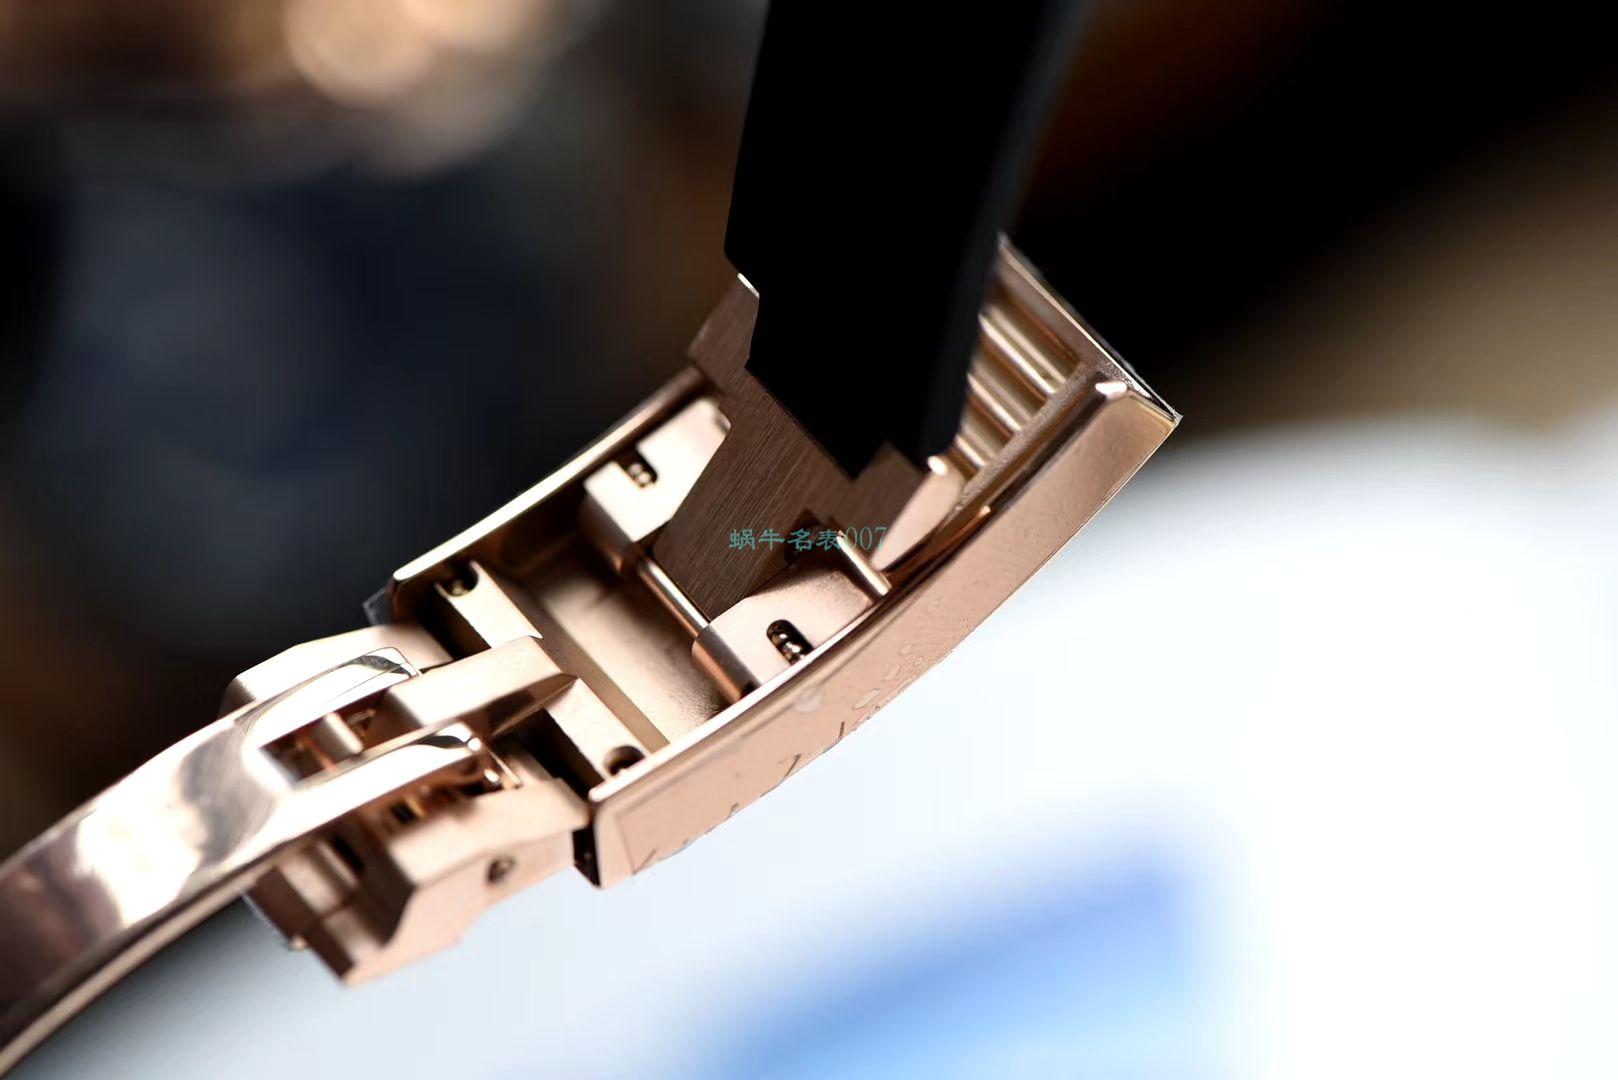 独家视频评测LF厂顶级复刻劳力士新款金游艇名仕型m126655-0002腕表 / R581